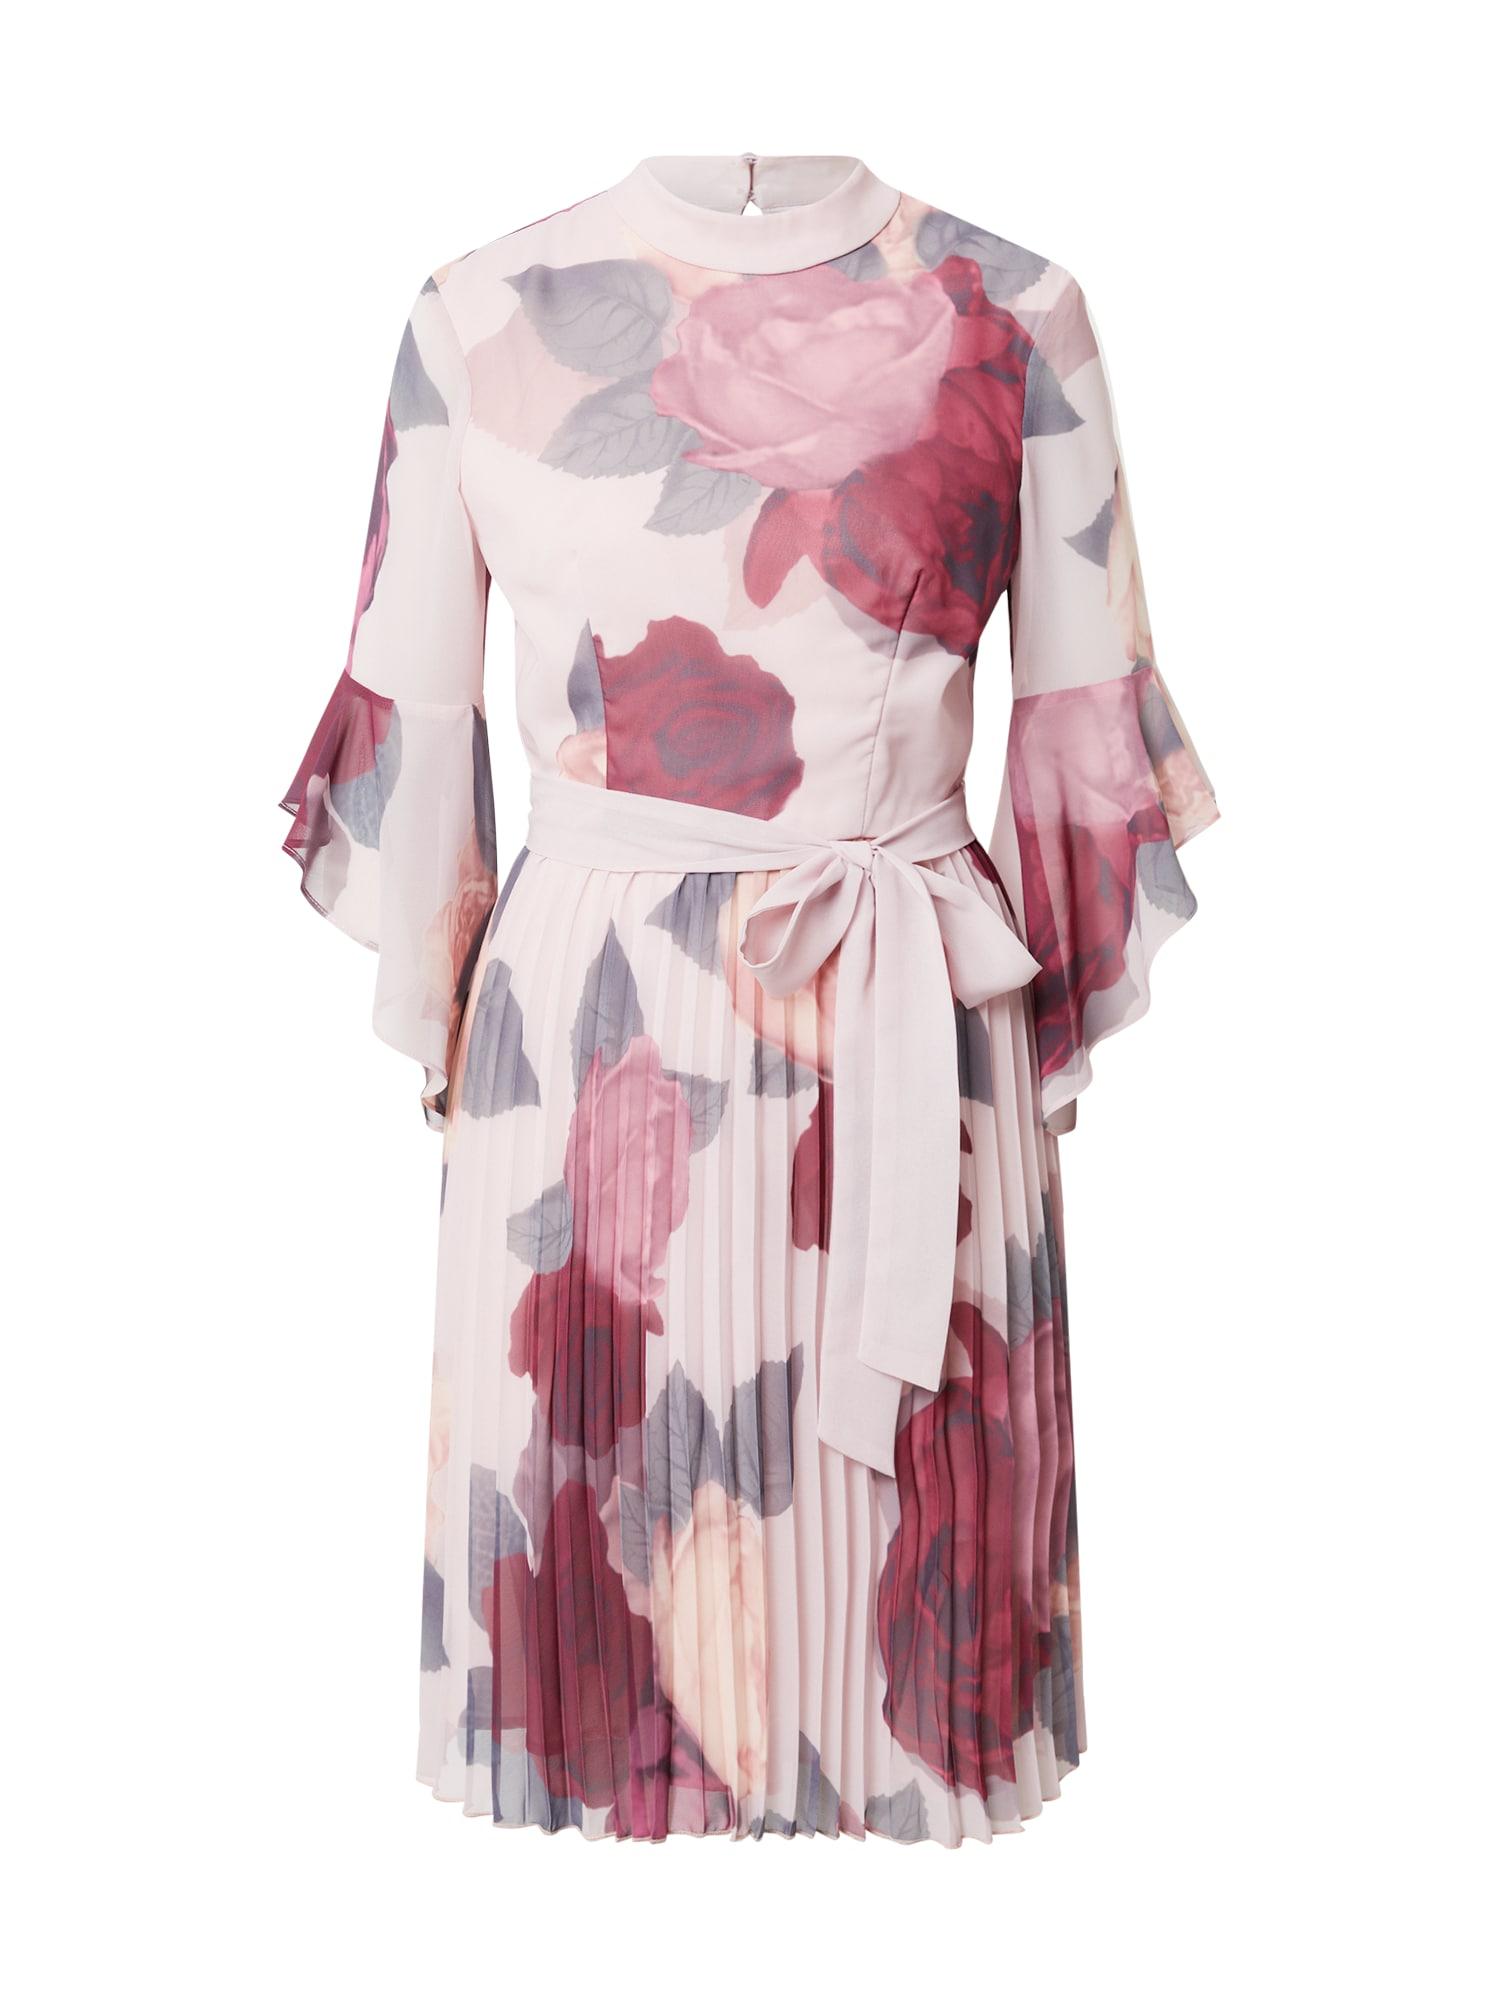 Chi Chi London Suknelė rožių spalva / pastelinė rožinė / vyno raudona spalva / pastelinė žalia